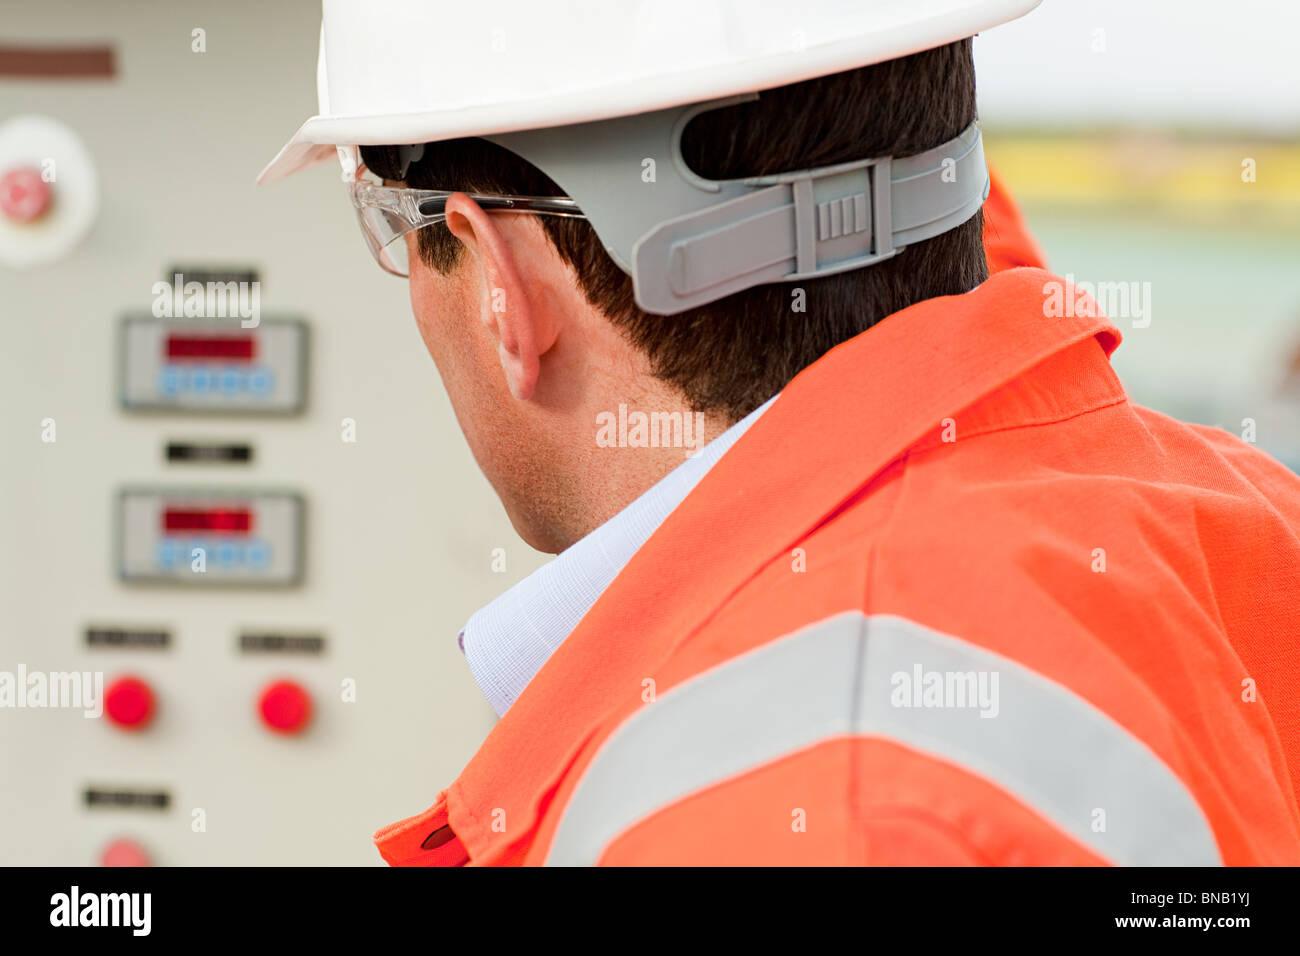 Ingenieur, Blick auf Systemsteuerung Stockbild